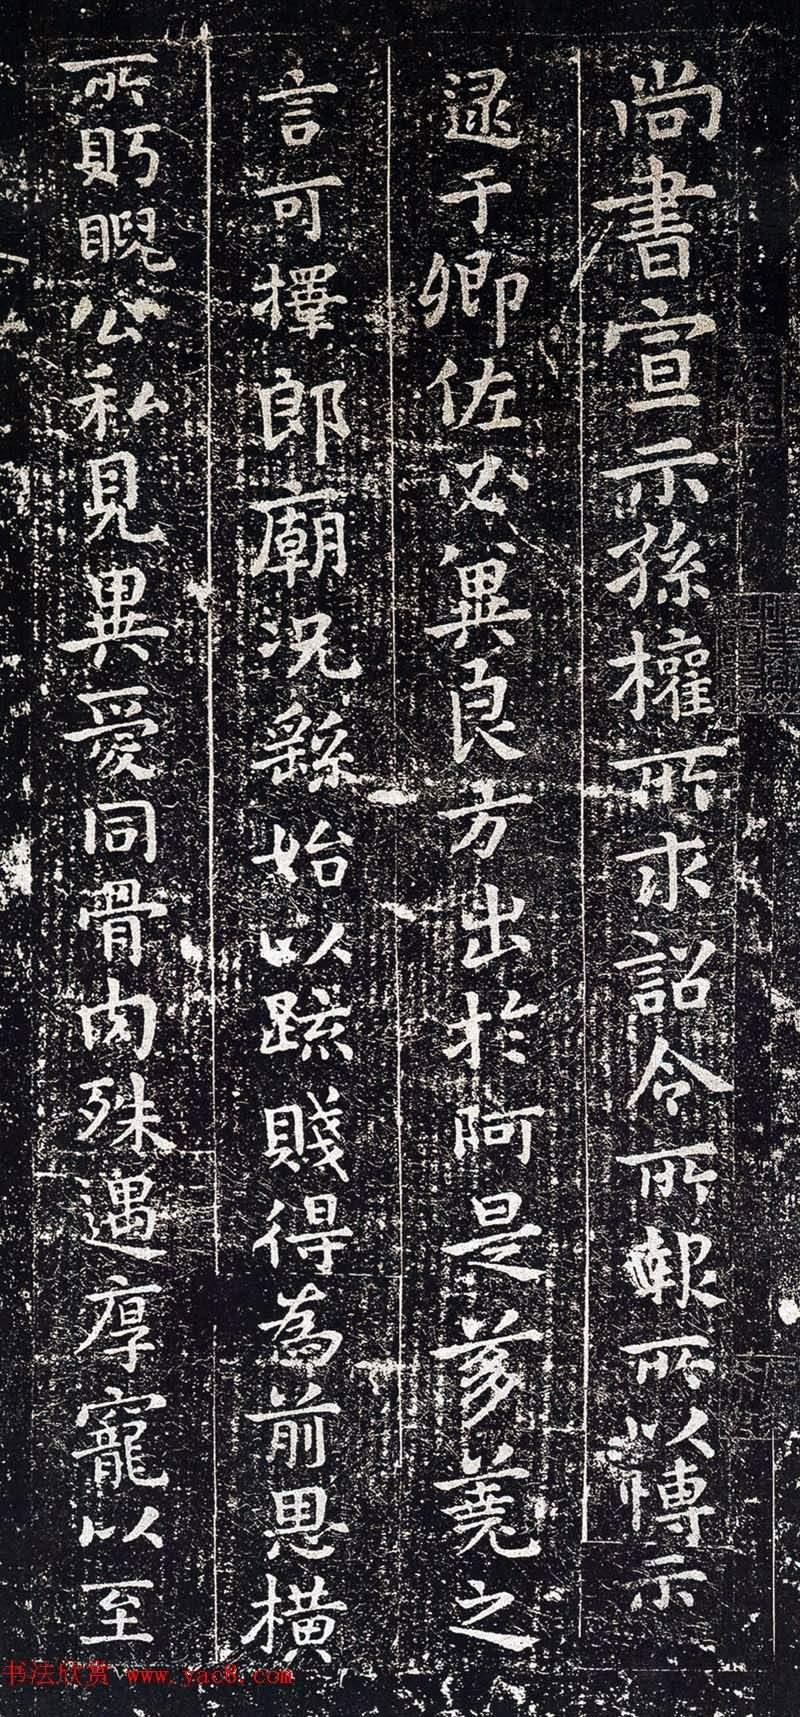 鍾繇書法碑刻字帖《宣示表》(共5張圖片)